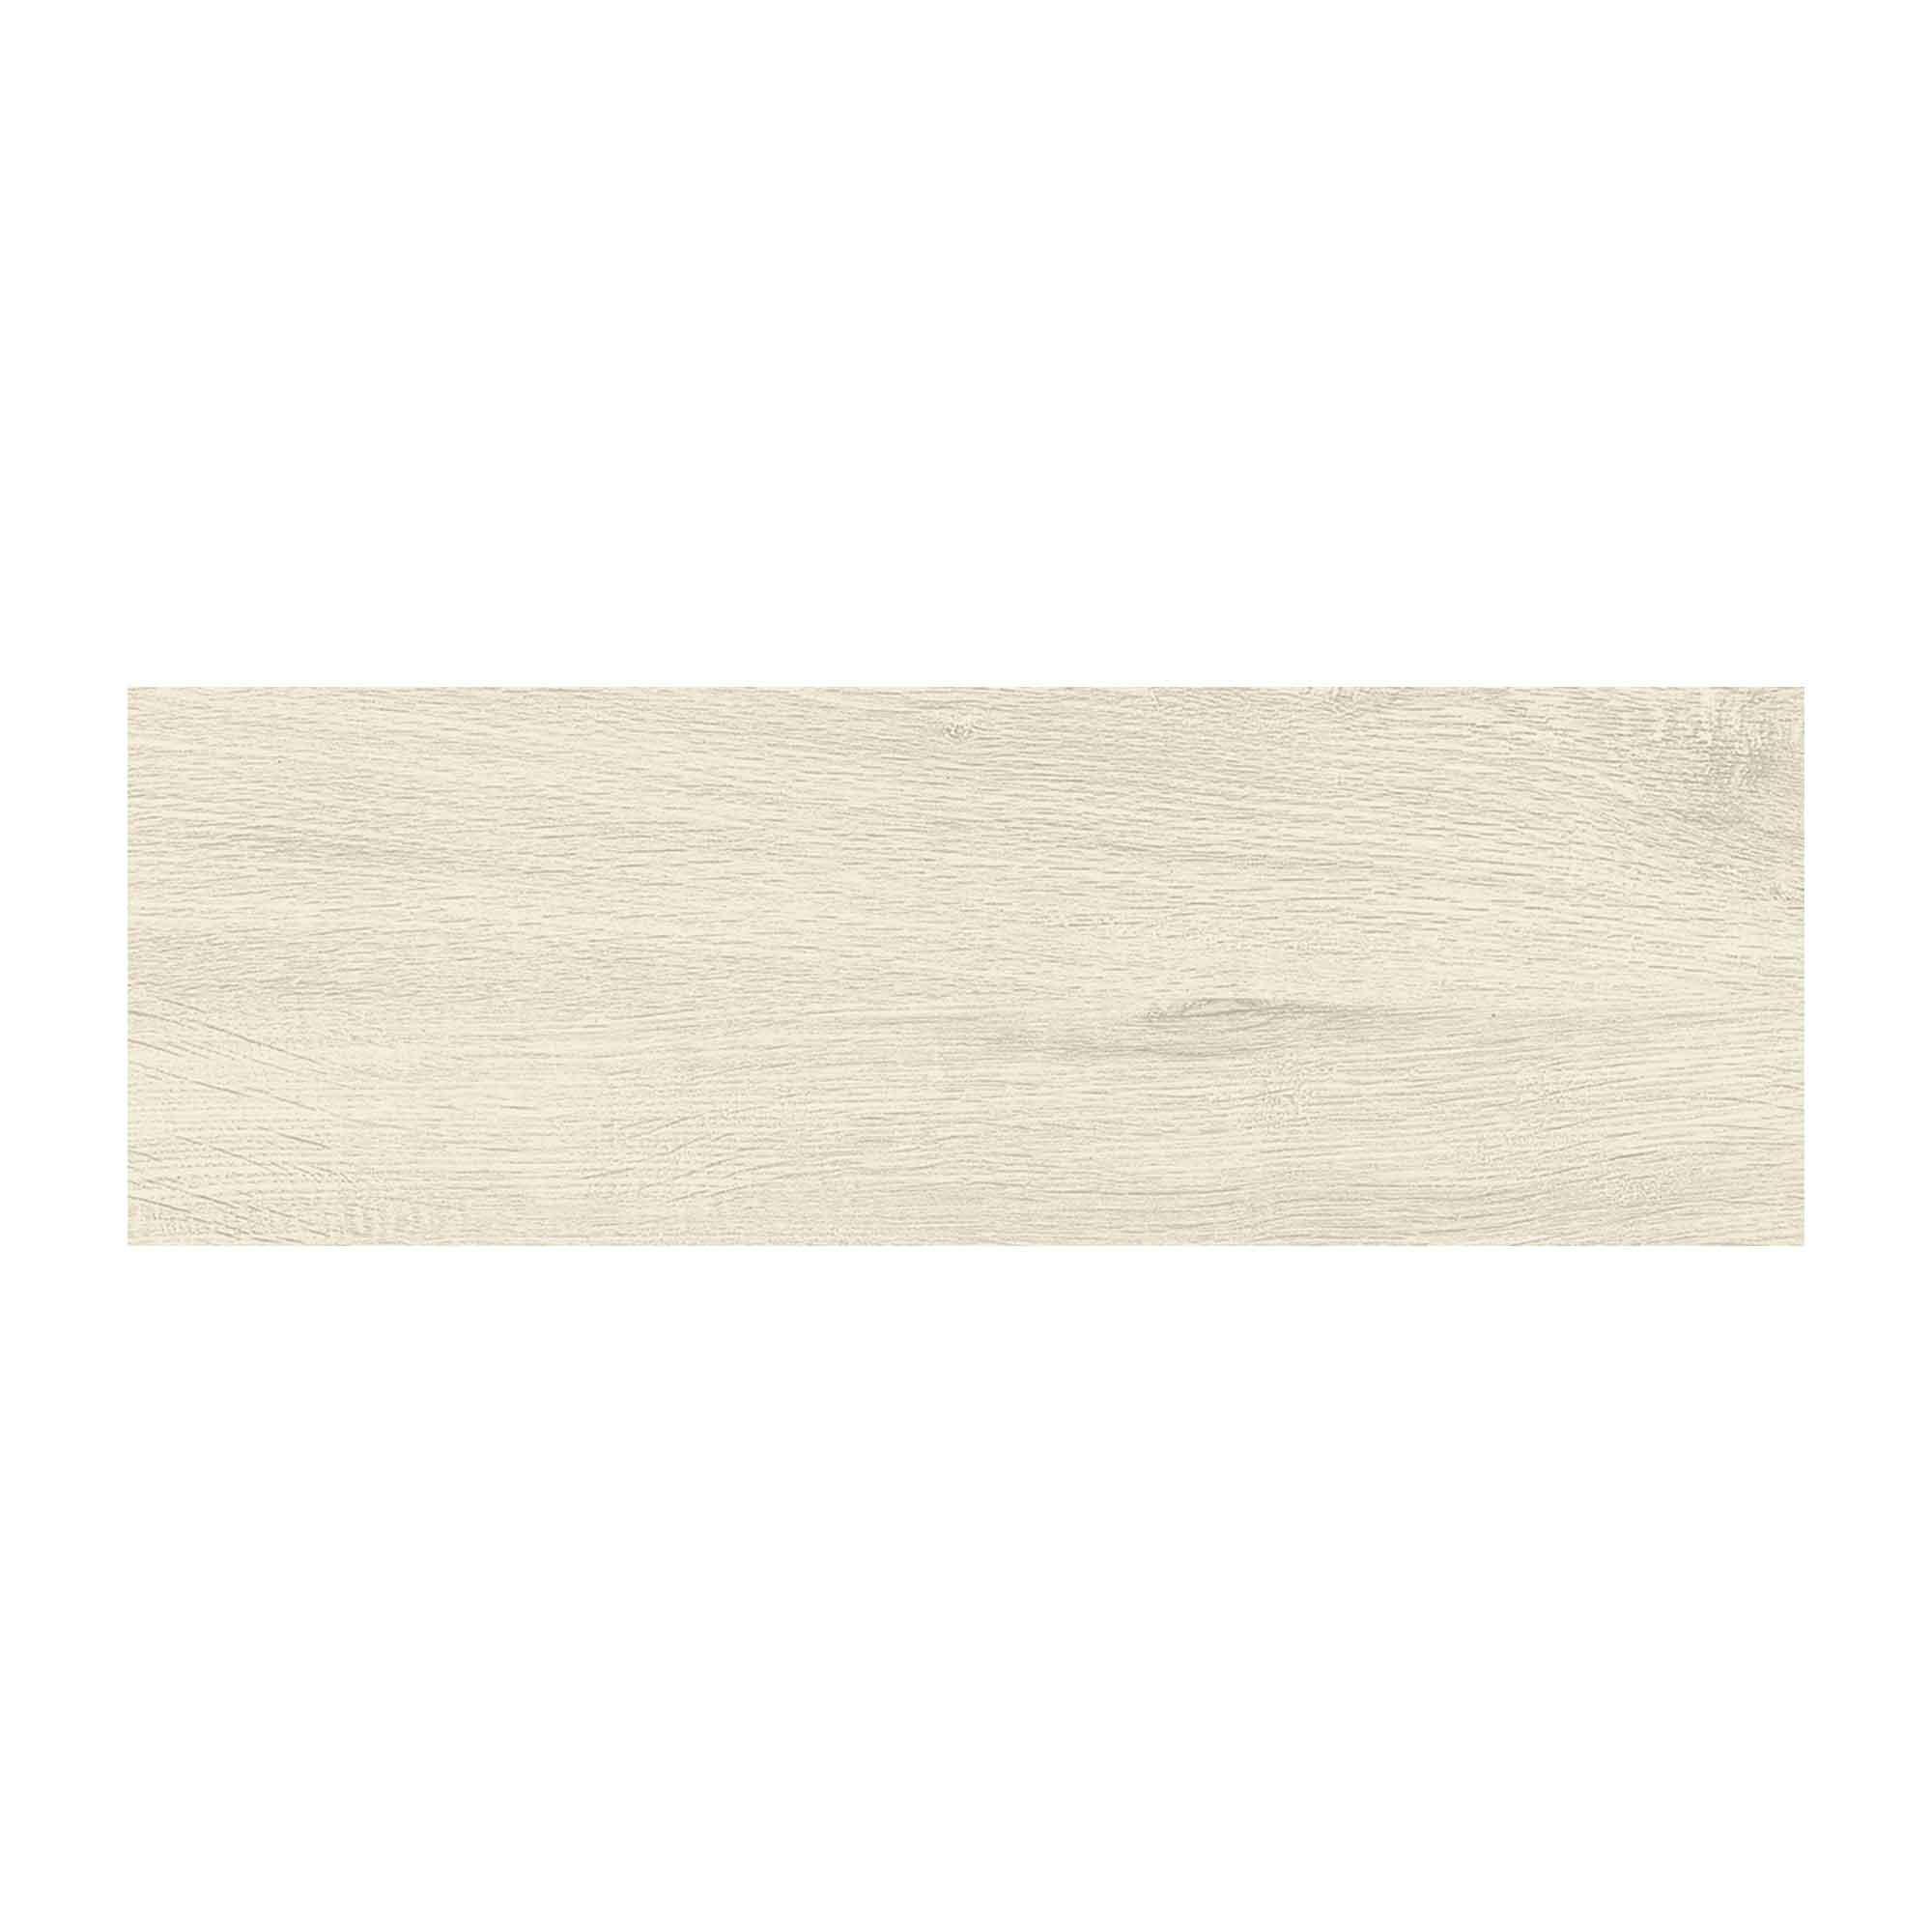 Gresie portelanata Cesarom Canada PEI 5 alb mat structurat, dreptunghiulara, 20 x 60 cm